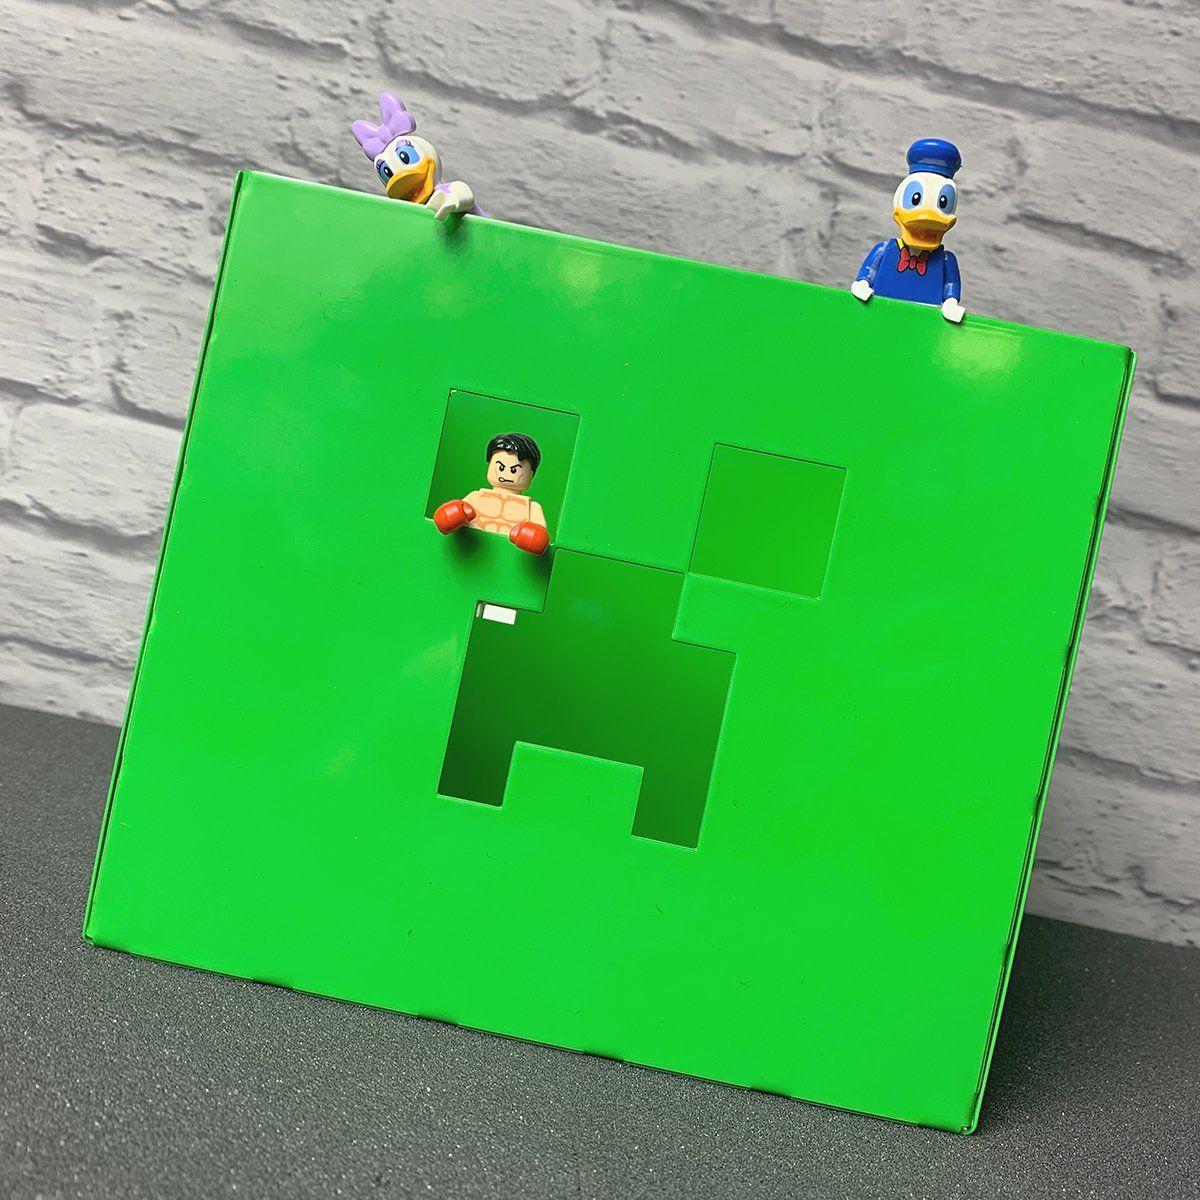 Minecraft-Inspired